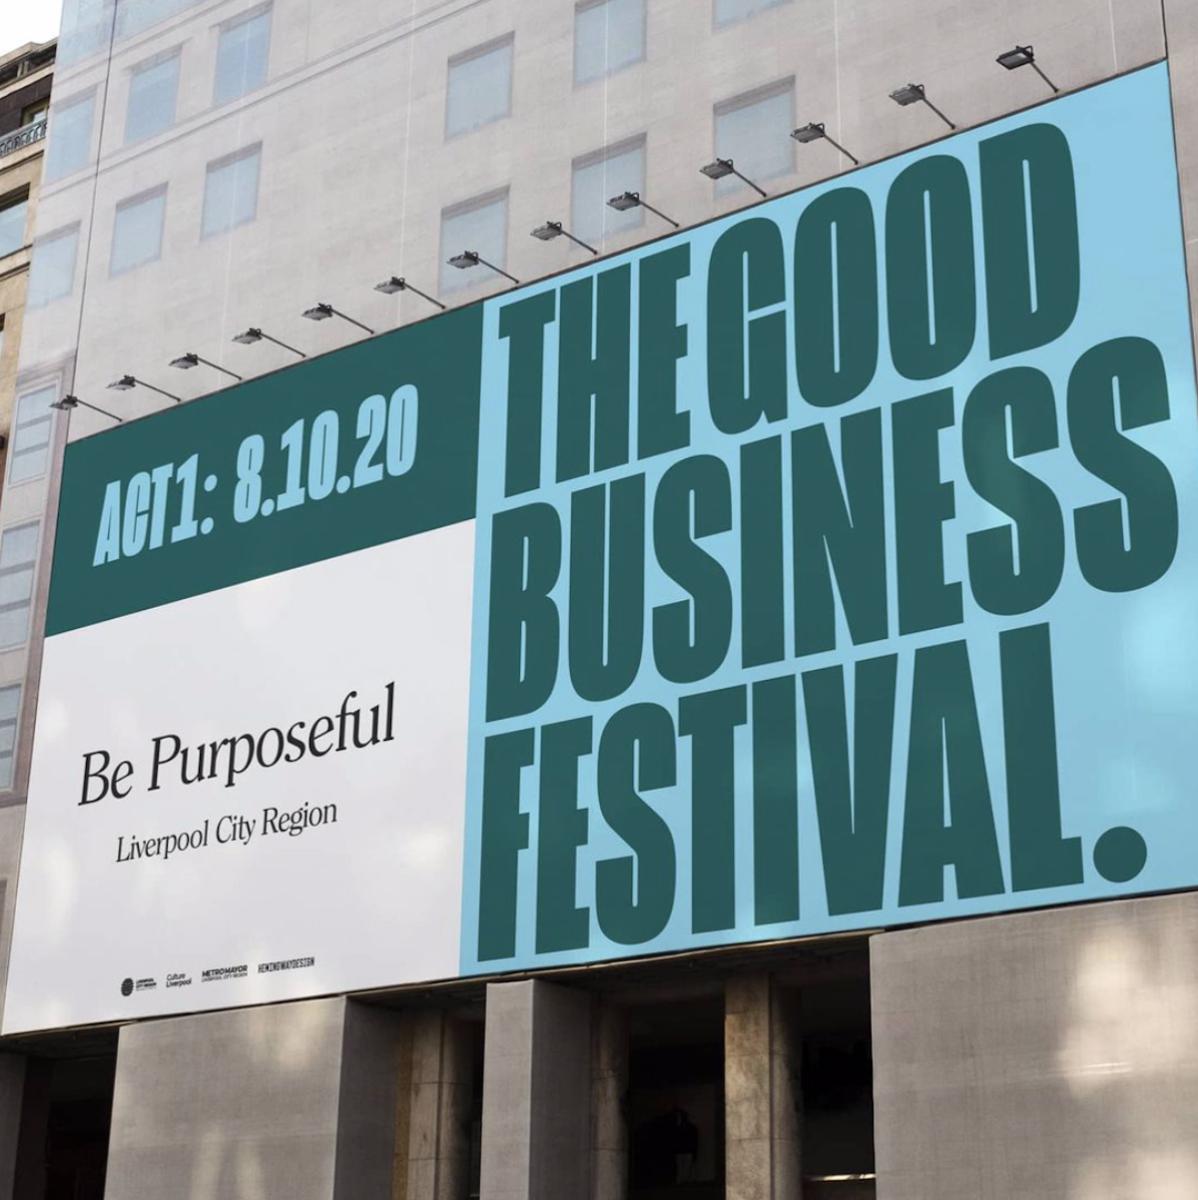 Hemingway Design's branding & visual identity for The Good Business Festival